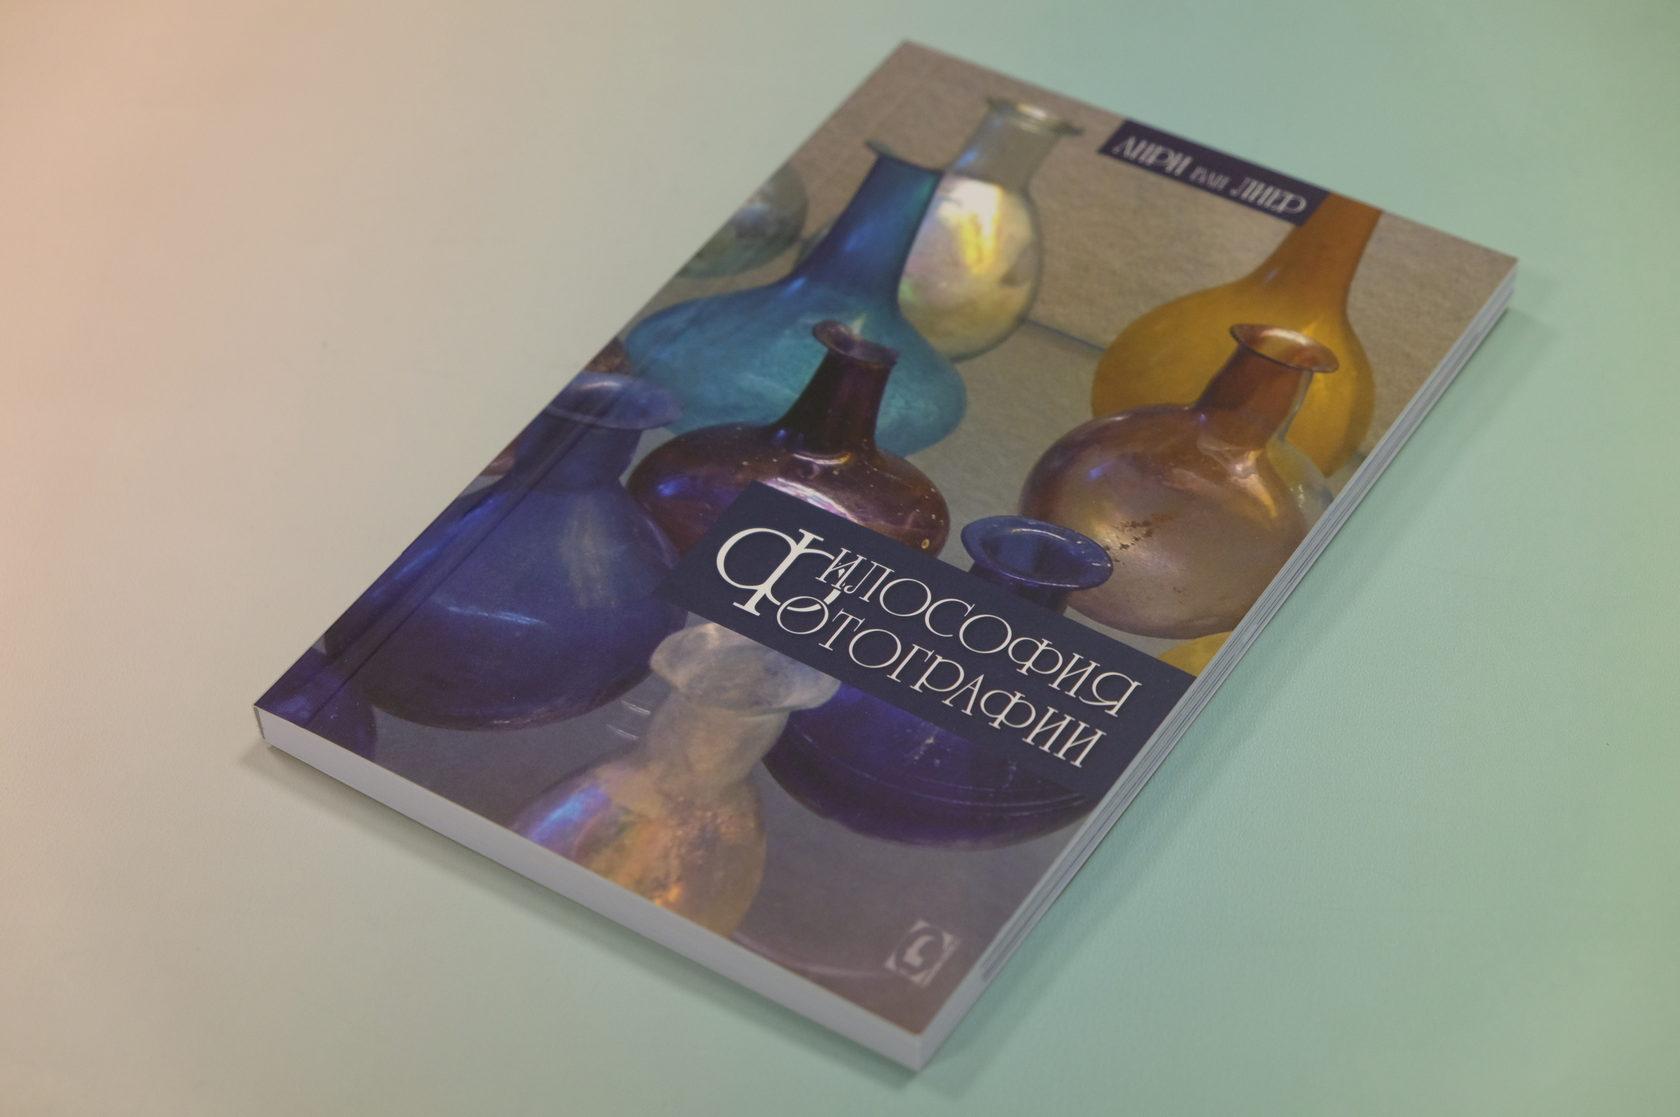 Купить книгу Анри ван Лиер «Философия фотографии» 978-617-7528-13-4